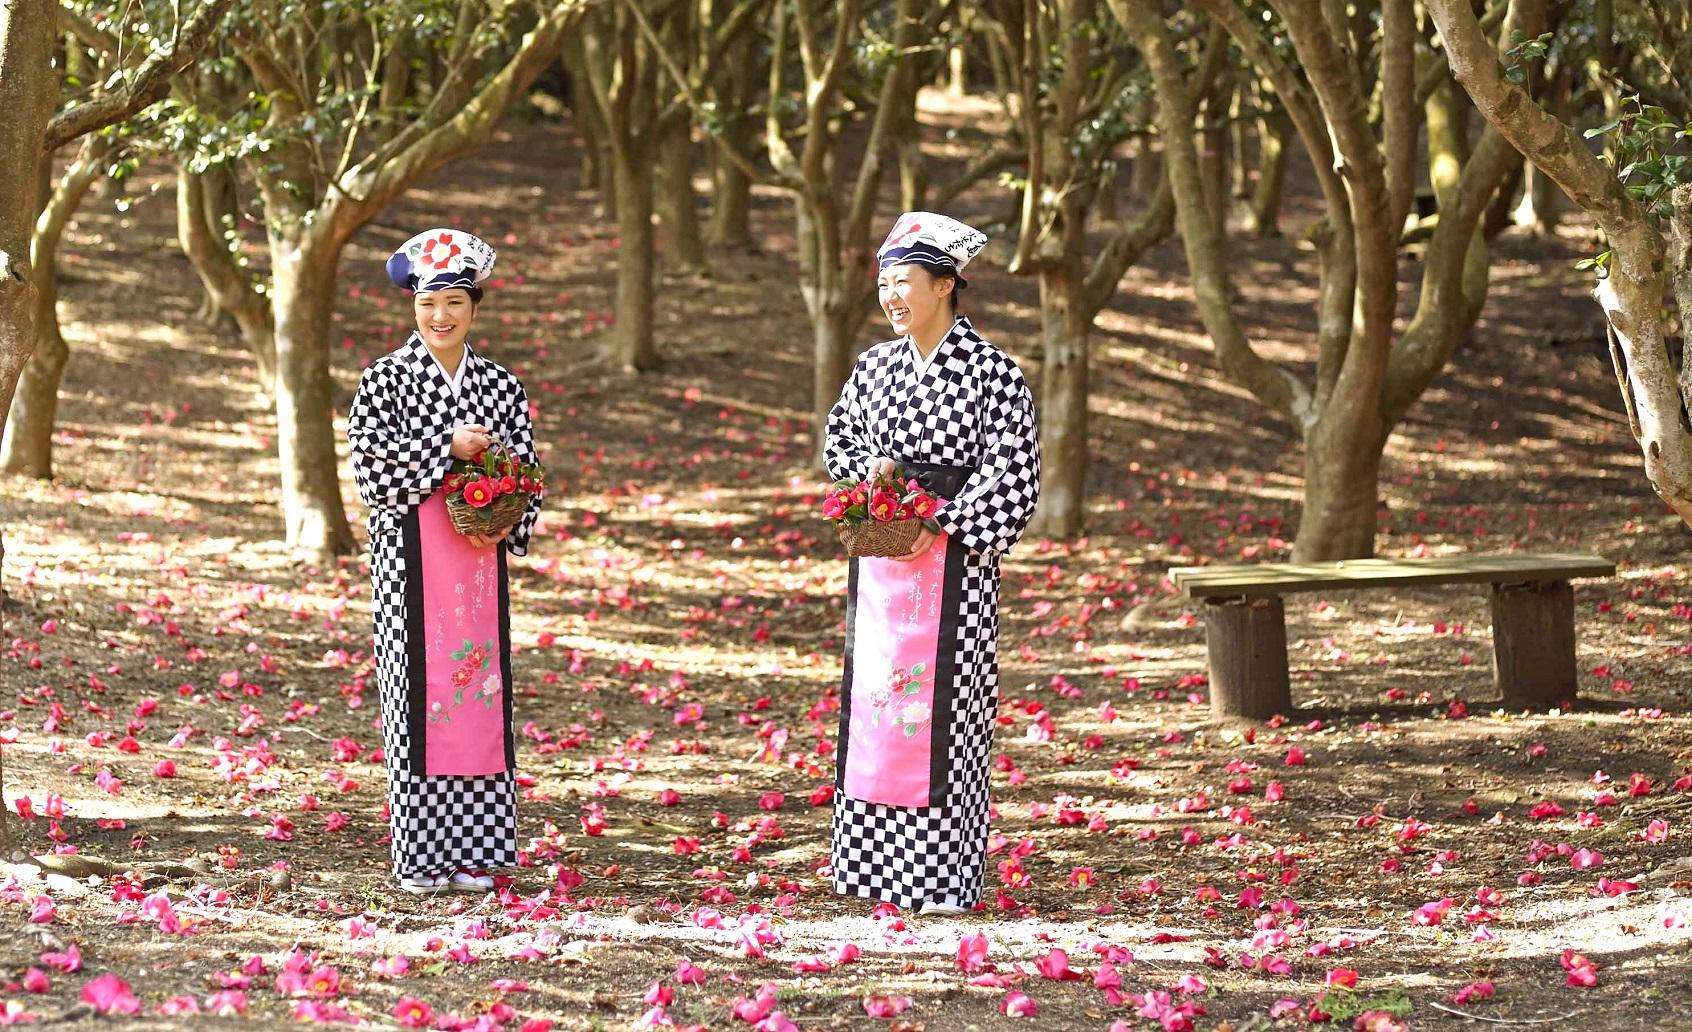 Izu Oshima Camellia Festival 2016